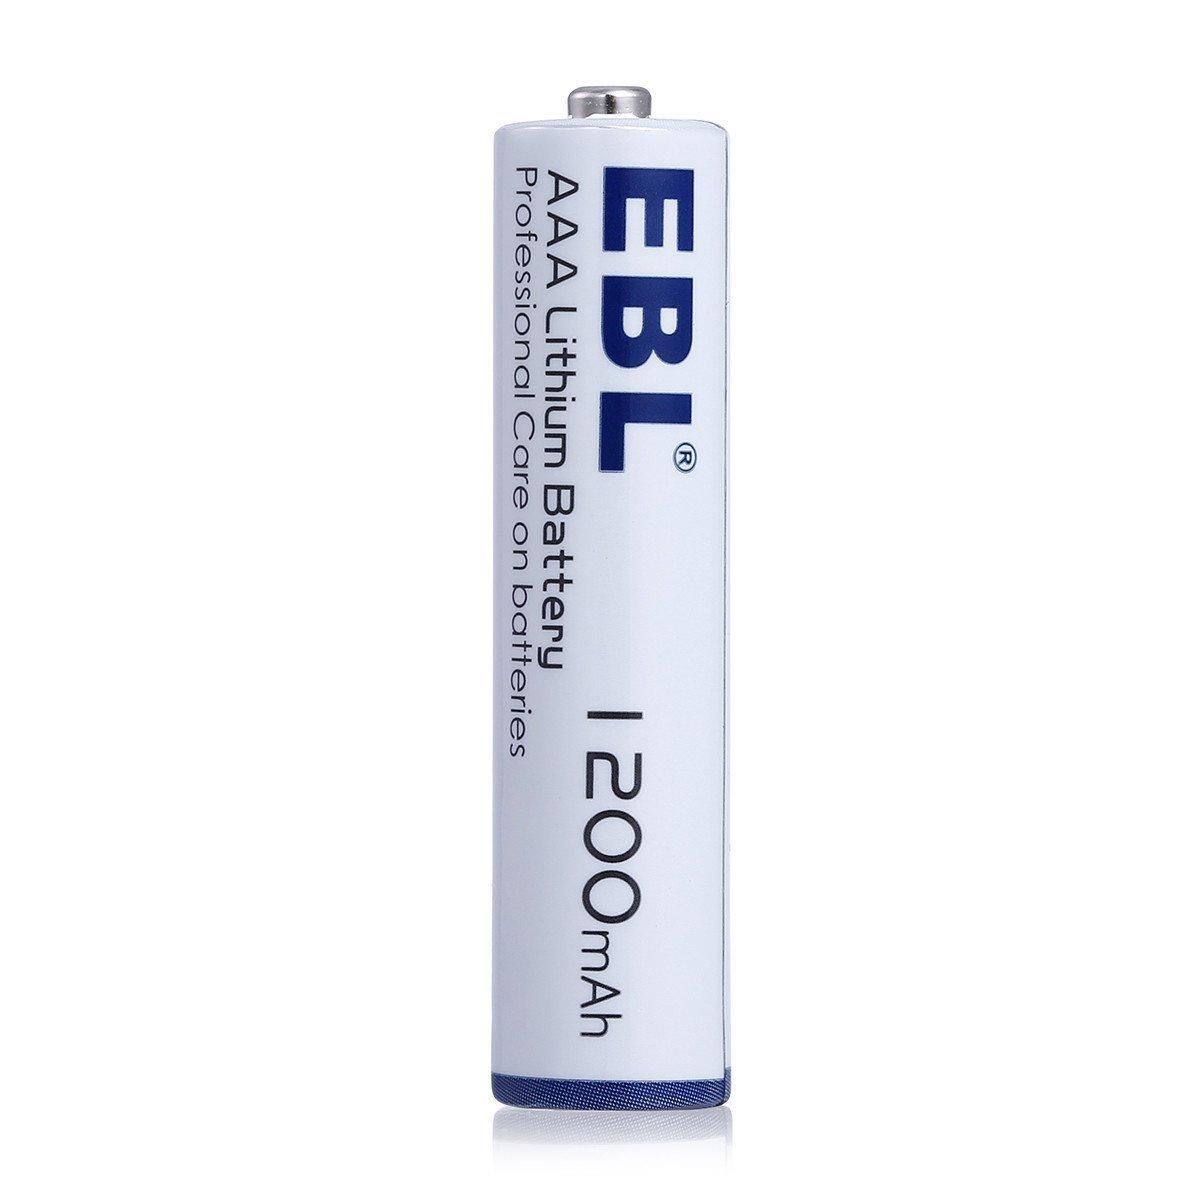 EBL AAA Litio Baterías 1.5V 1200mAh para los Equipos Domésticos - 8 Unidades (NO ES RECARGABLE)